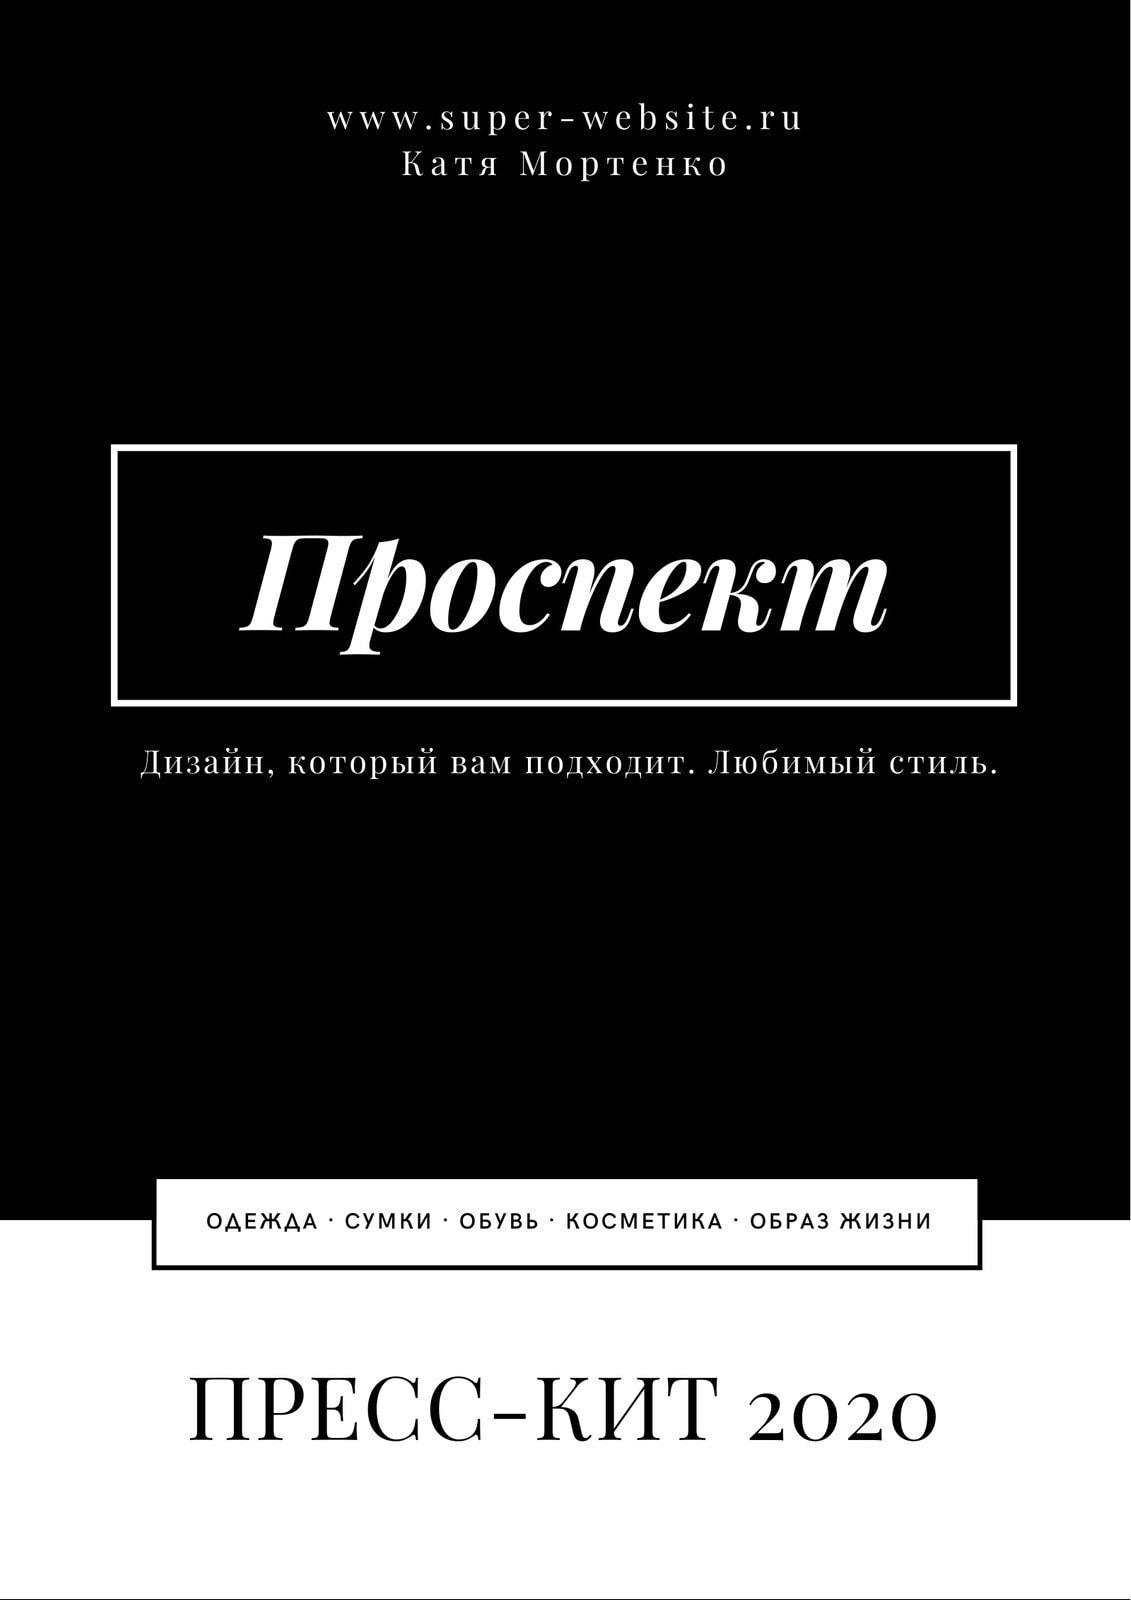 Черная и Белая Современная Элегантная Модный Блогер Общая Информационная Подборка